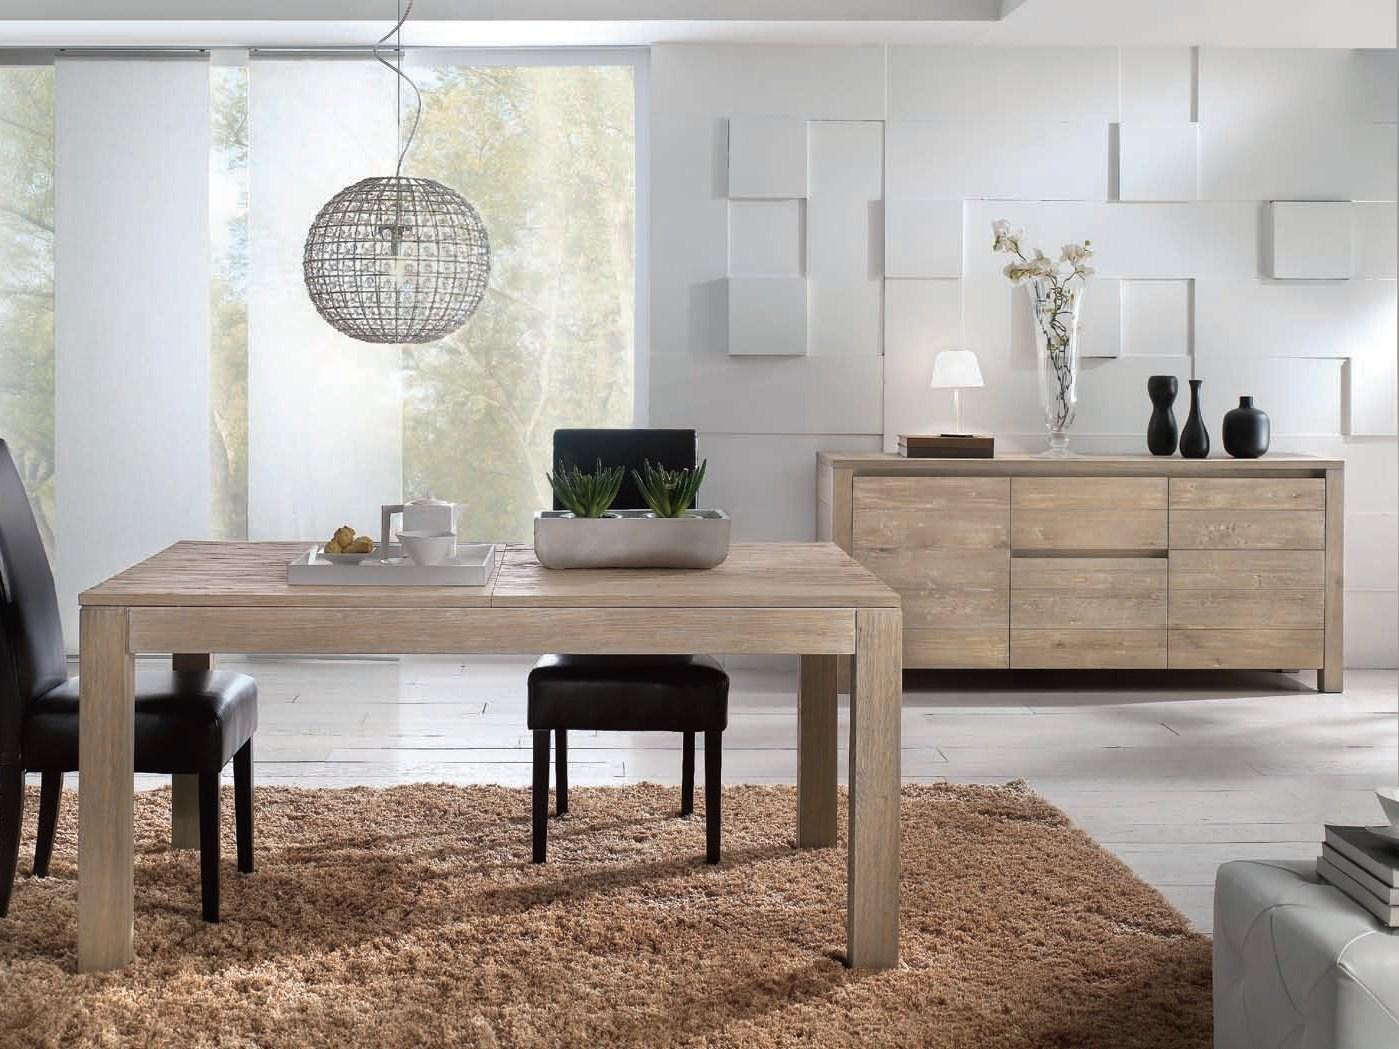 Credenze moderne rilievo fraz di trapani trapani for Mobili per sala da pranzo moderni